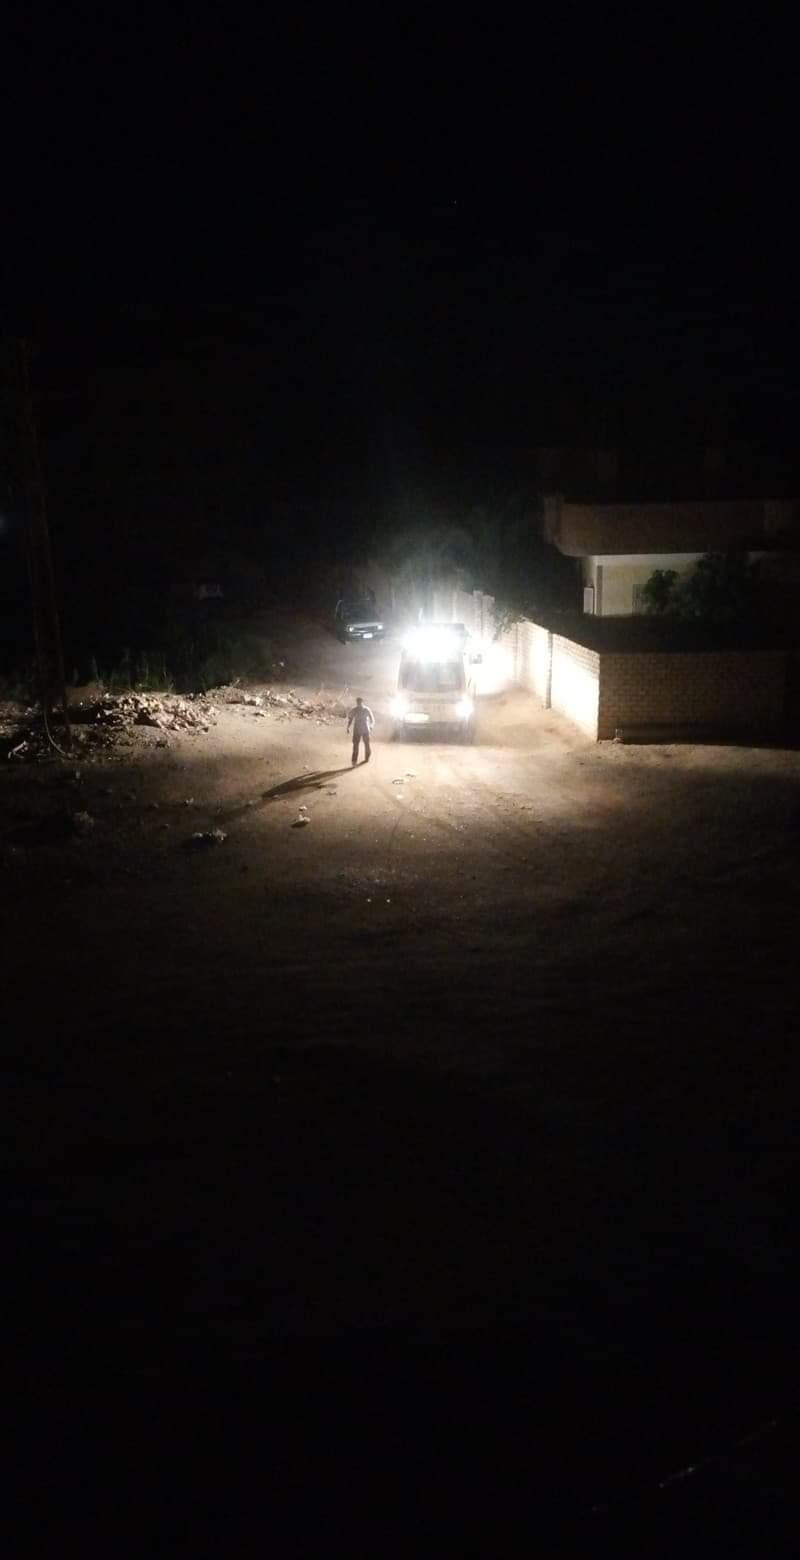 سيارة الإسعاف فى طريقها لموقع الحادث (3)